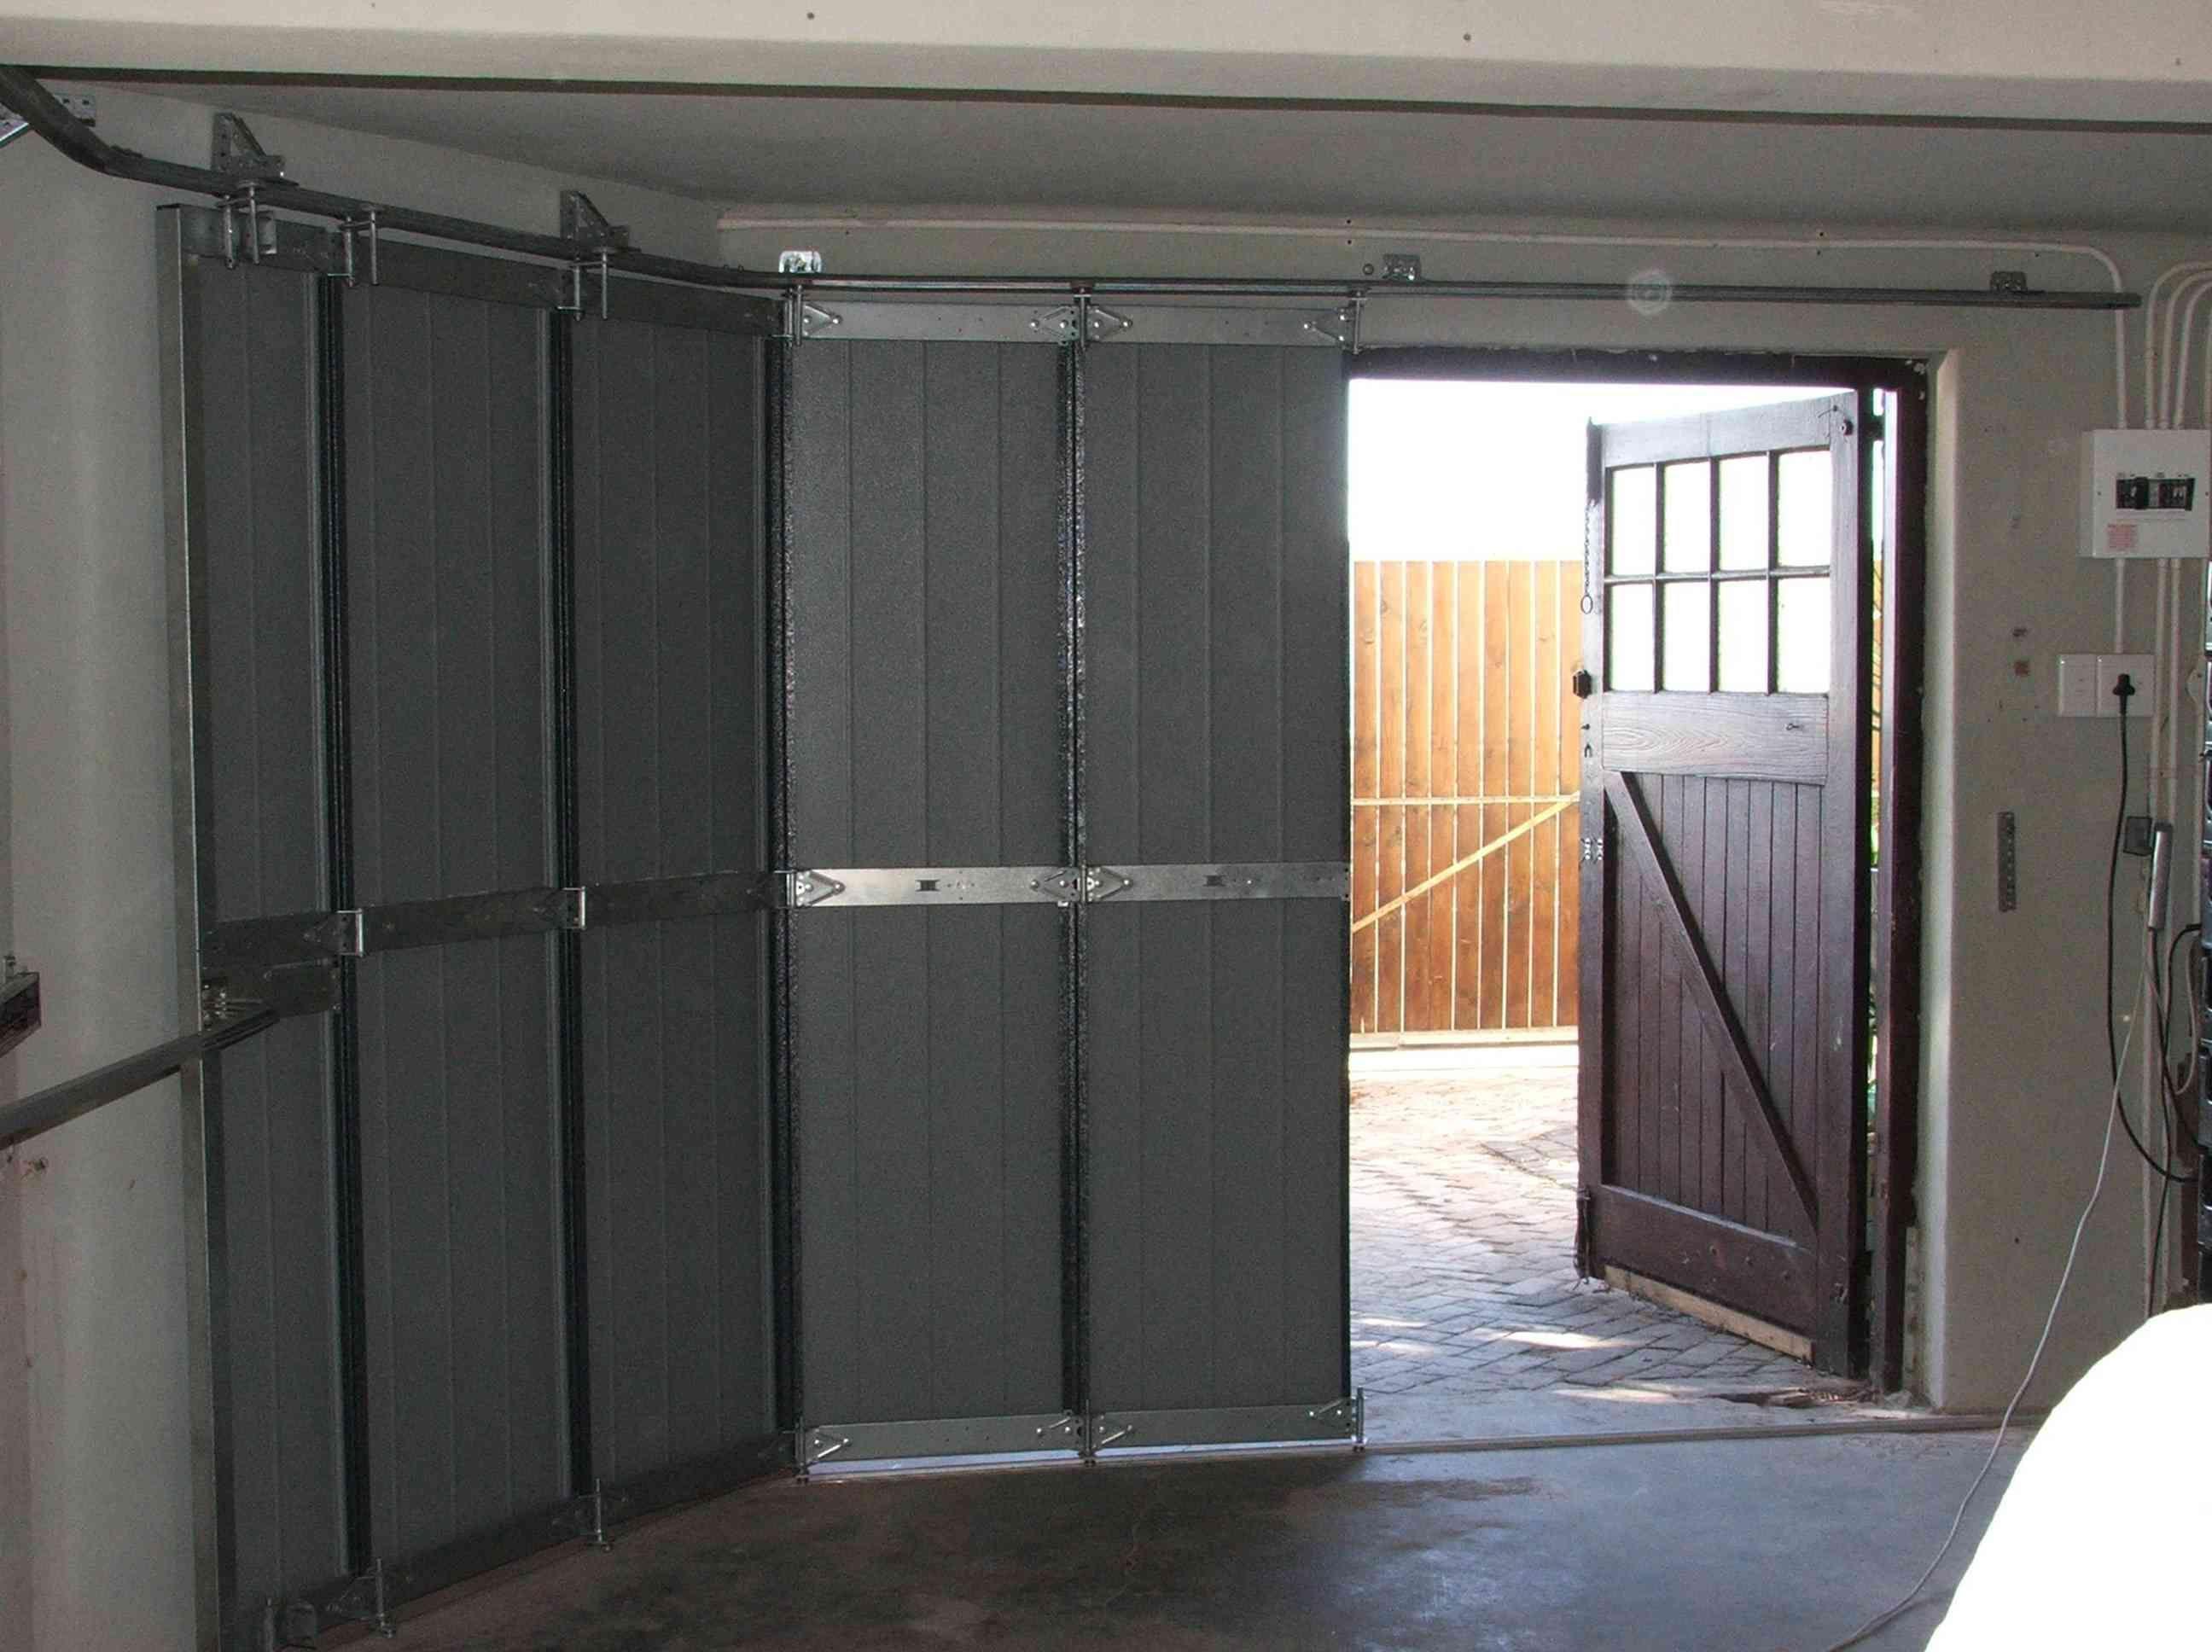 Gallery Coroma Room Divider Home Decor Decor